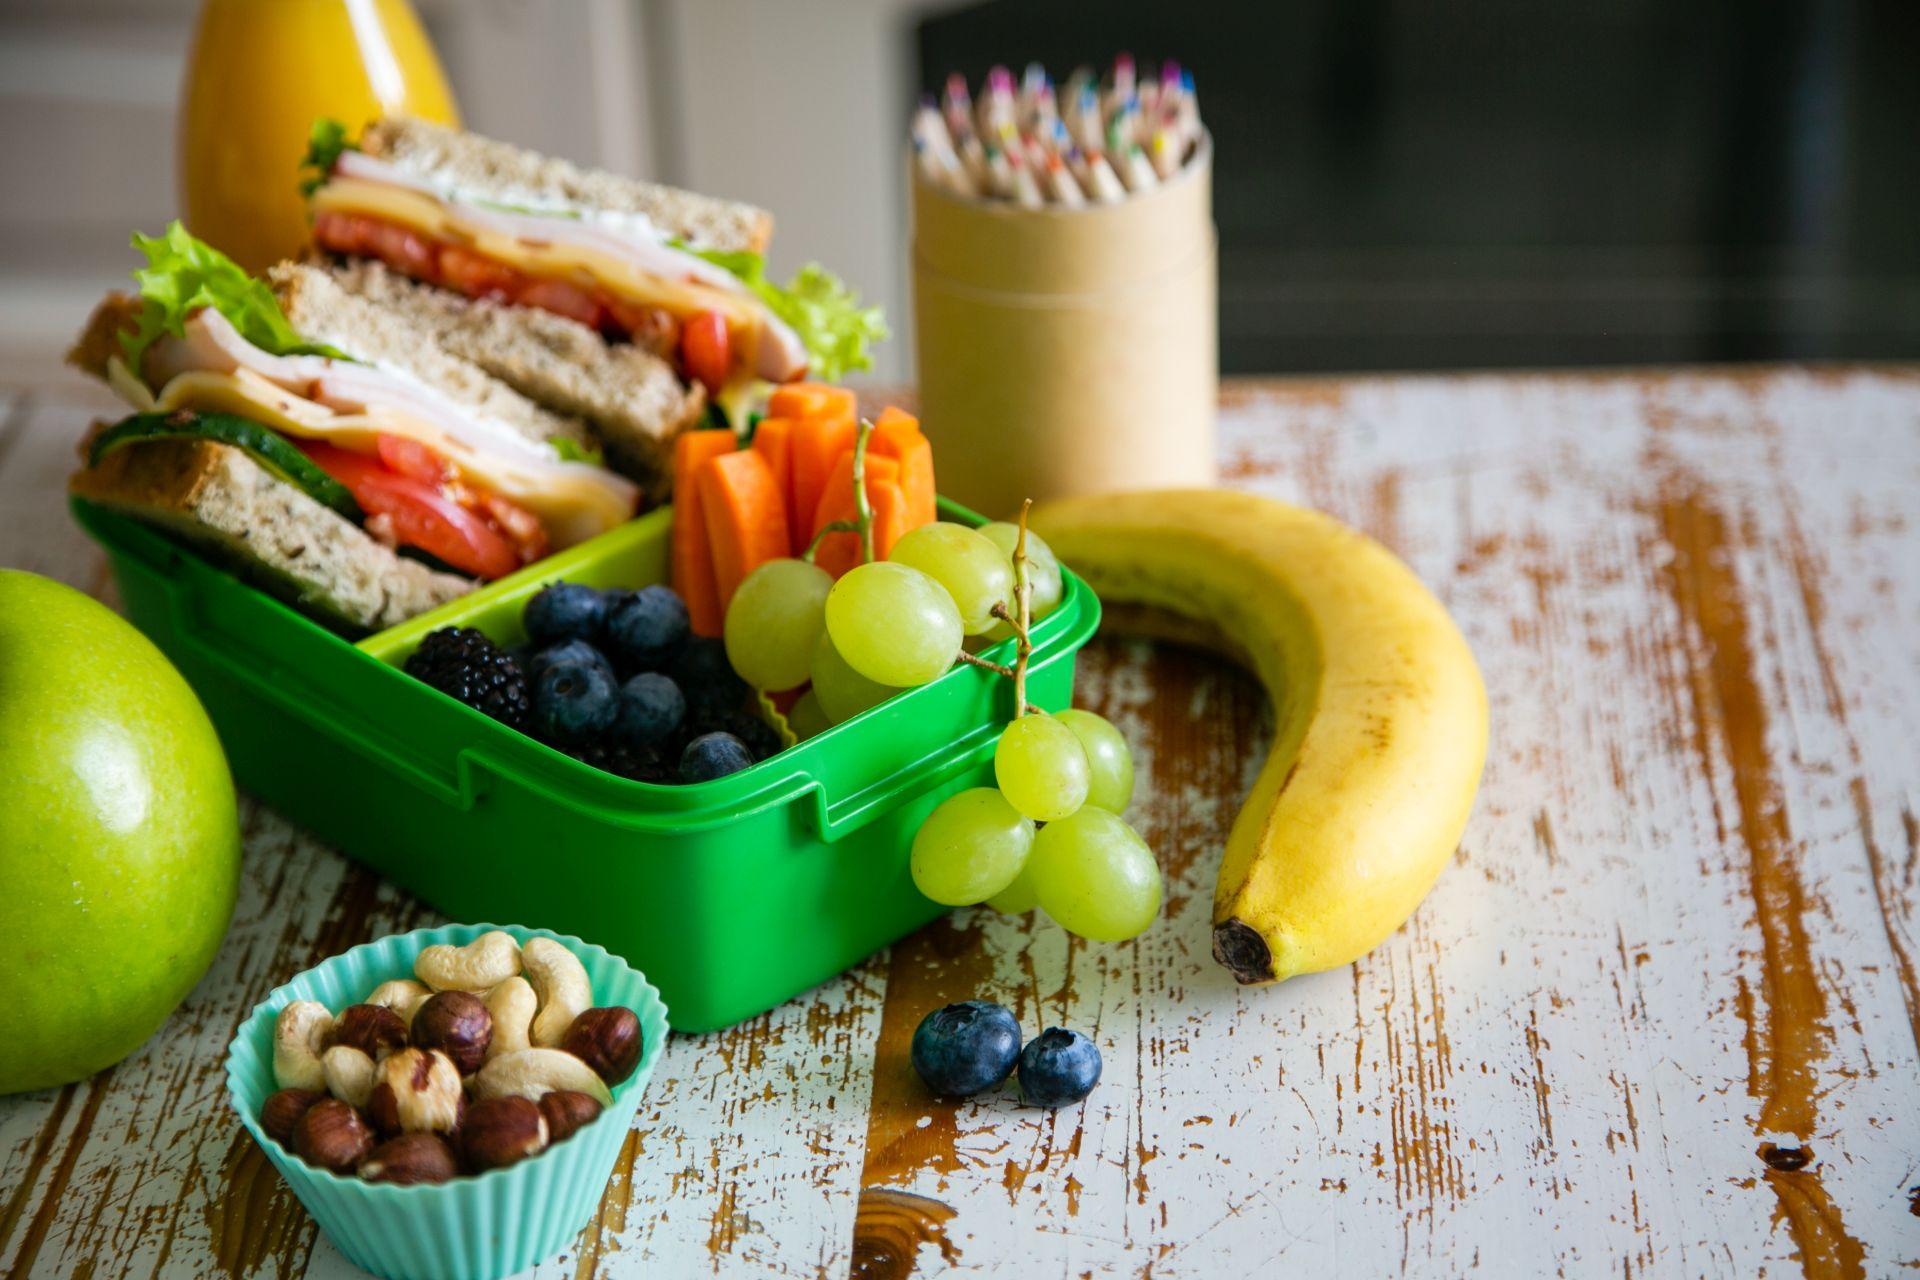 Przykładowy lunch do szkoły? Kanapki z ciemnego pieczywa posmarowane margaryną Optima Neuro z kwasami DHA, które wpływają na wzrok, rozwój intelektualny i pamięć, ser żółty lub biały, chude mięso, porcja warzyw, a na deser - owoce i orzechy.